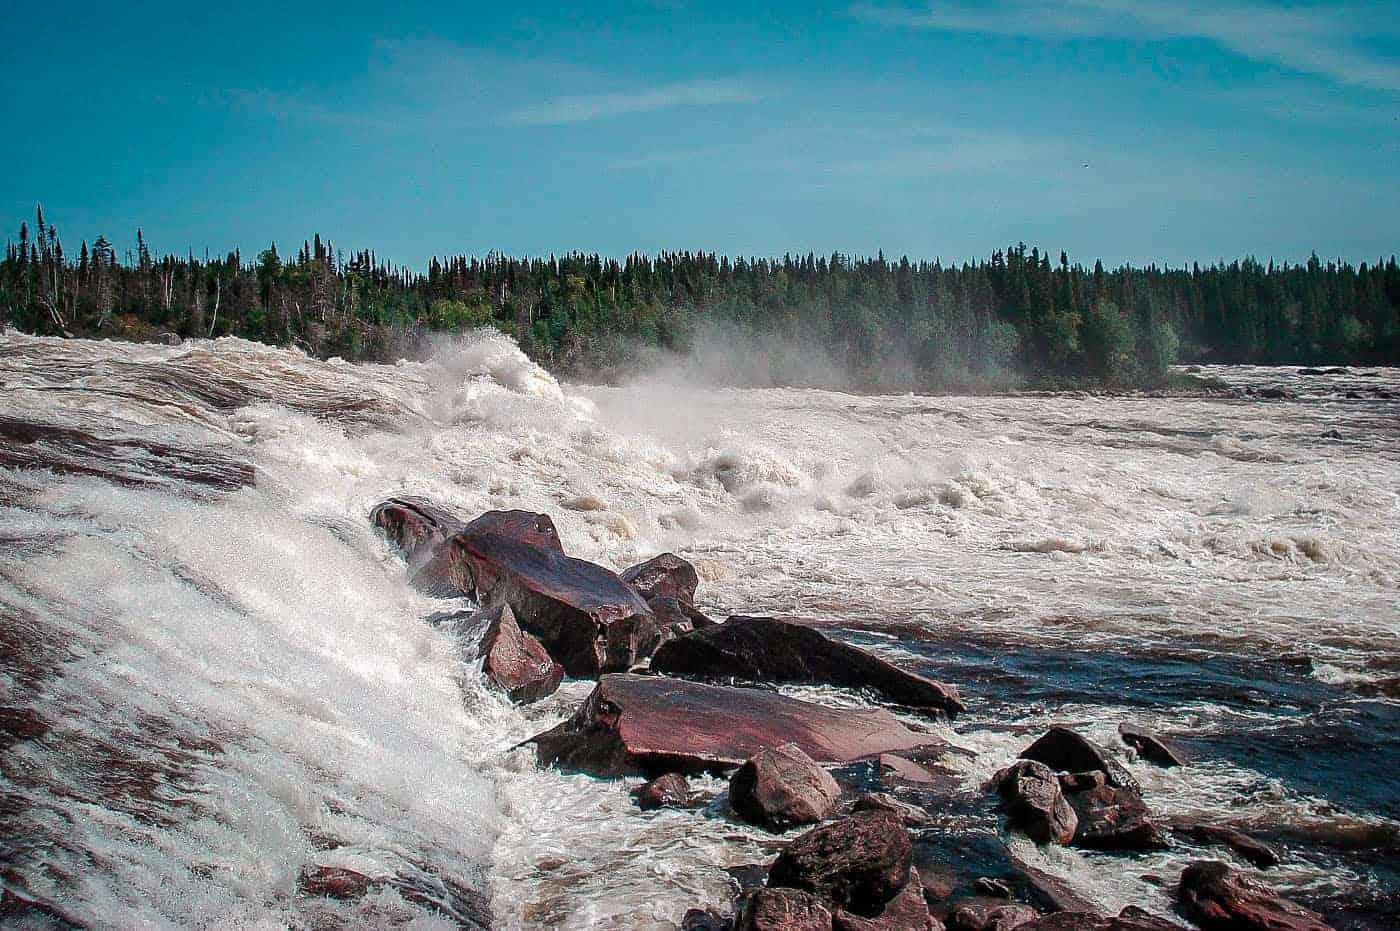 Rupert River, Canada / fargomeD